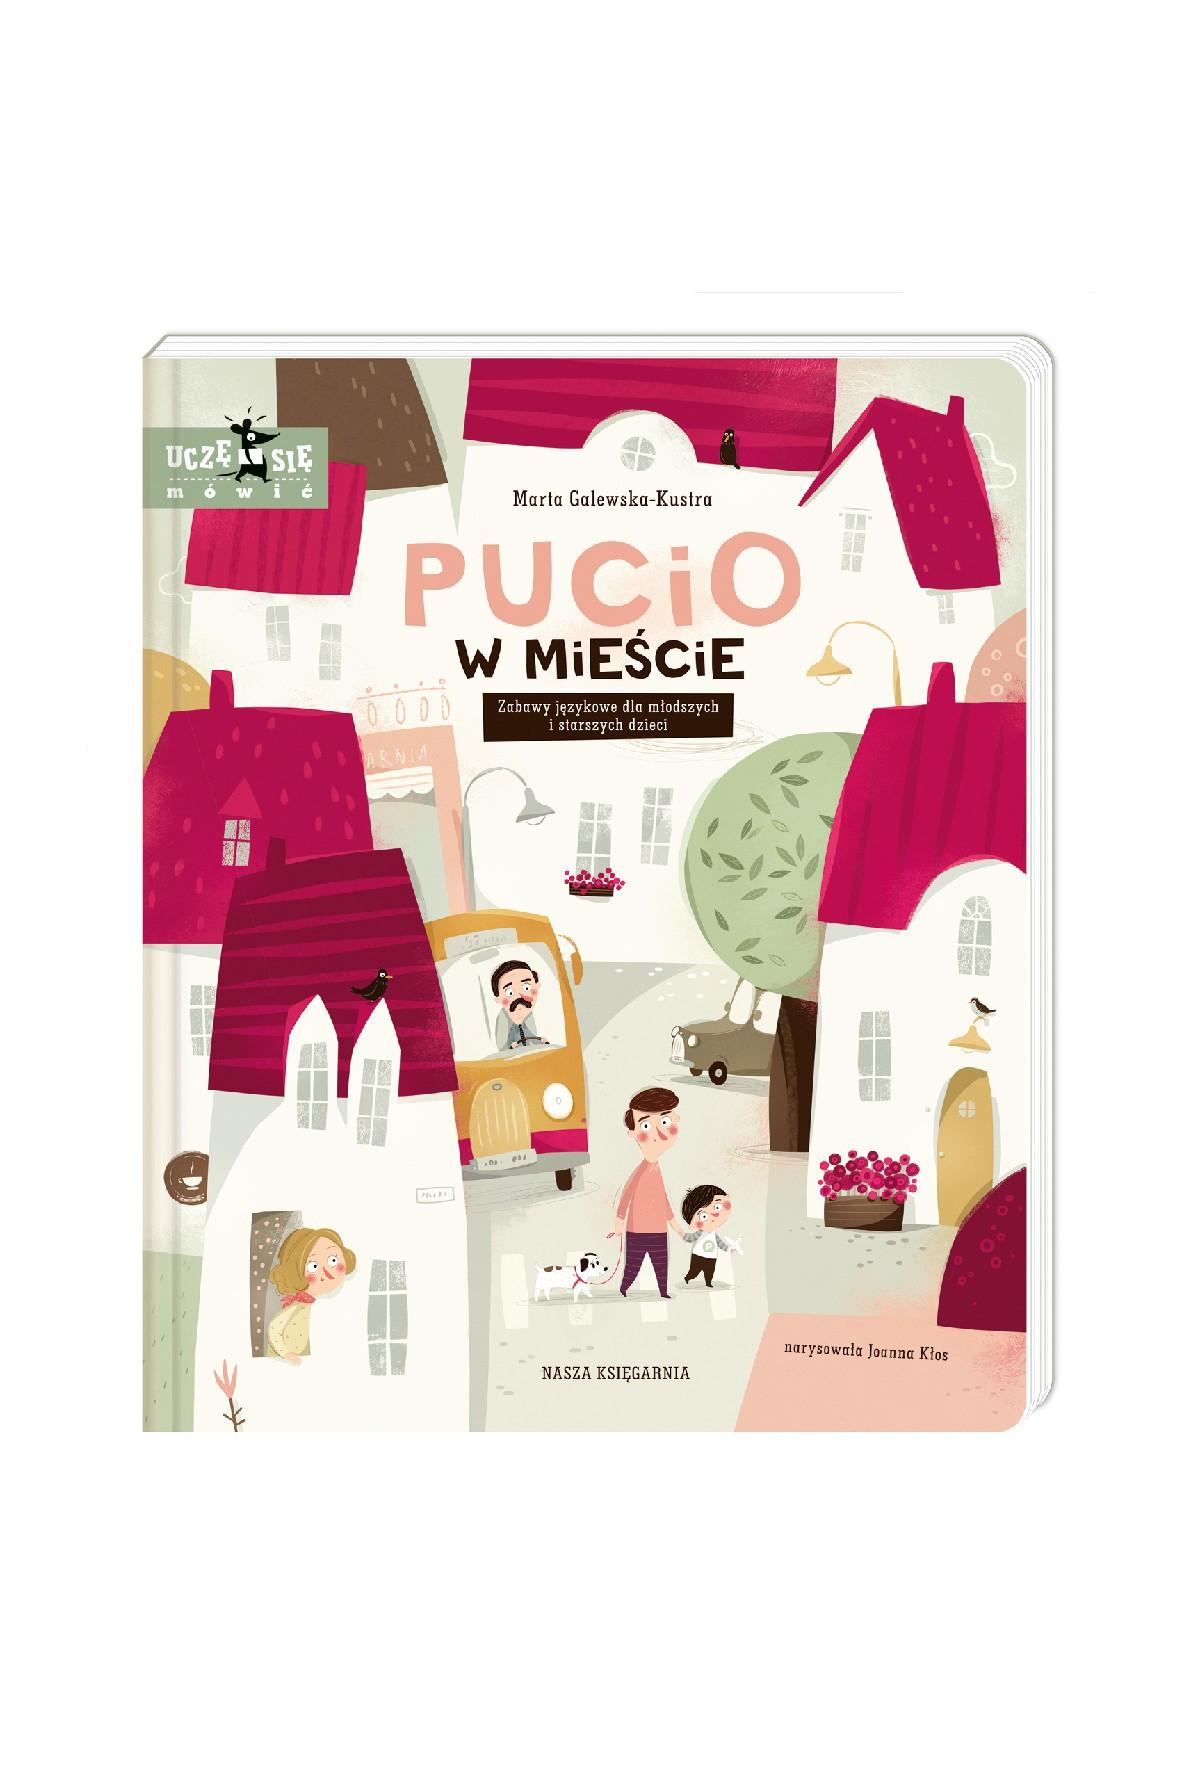 Książka dla dzieci- Pucio w mieście. Zabawy językowe dla młodszych i starszych dzieci 3+